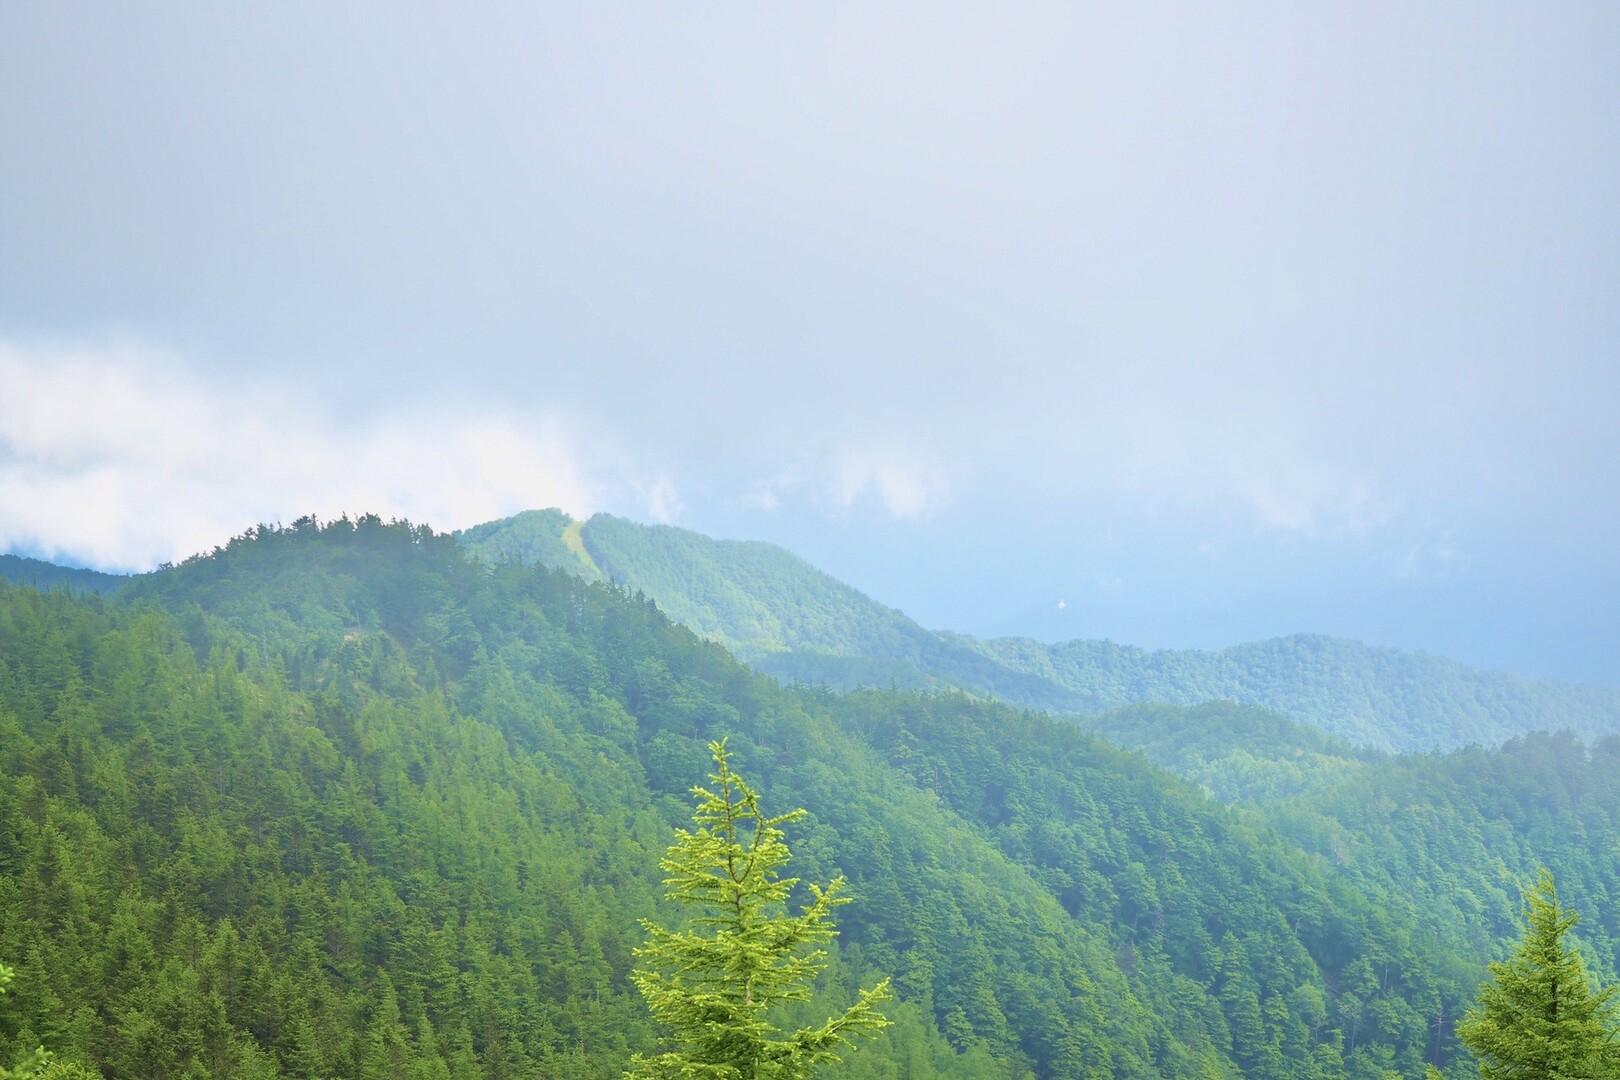 さぁ帰ろう。<br> <br> 振り返ると、きた時にはガスガスで何も見えなかった向こうに七つ石山が!